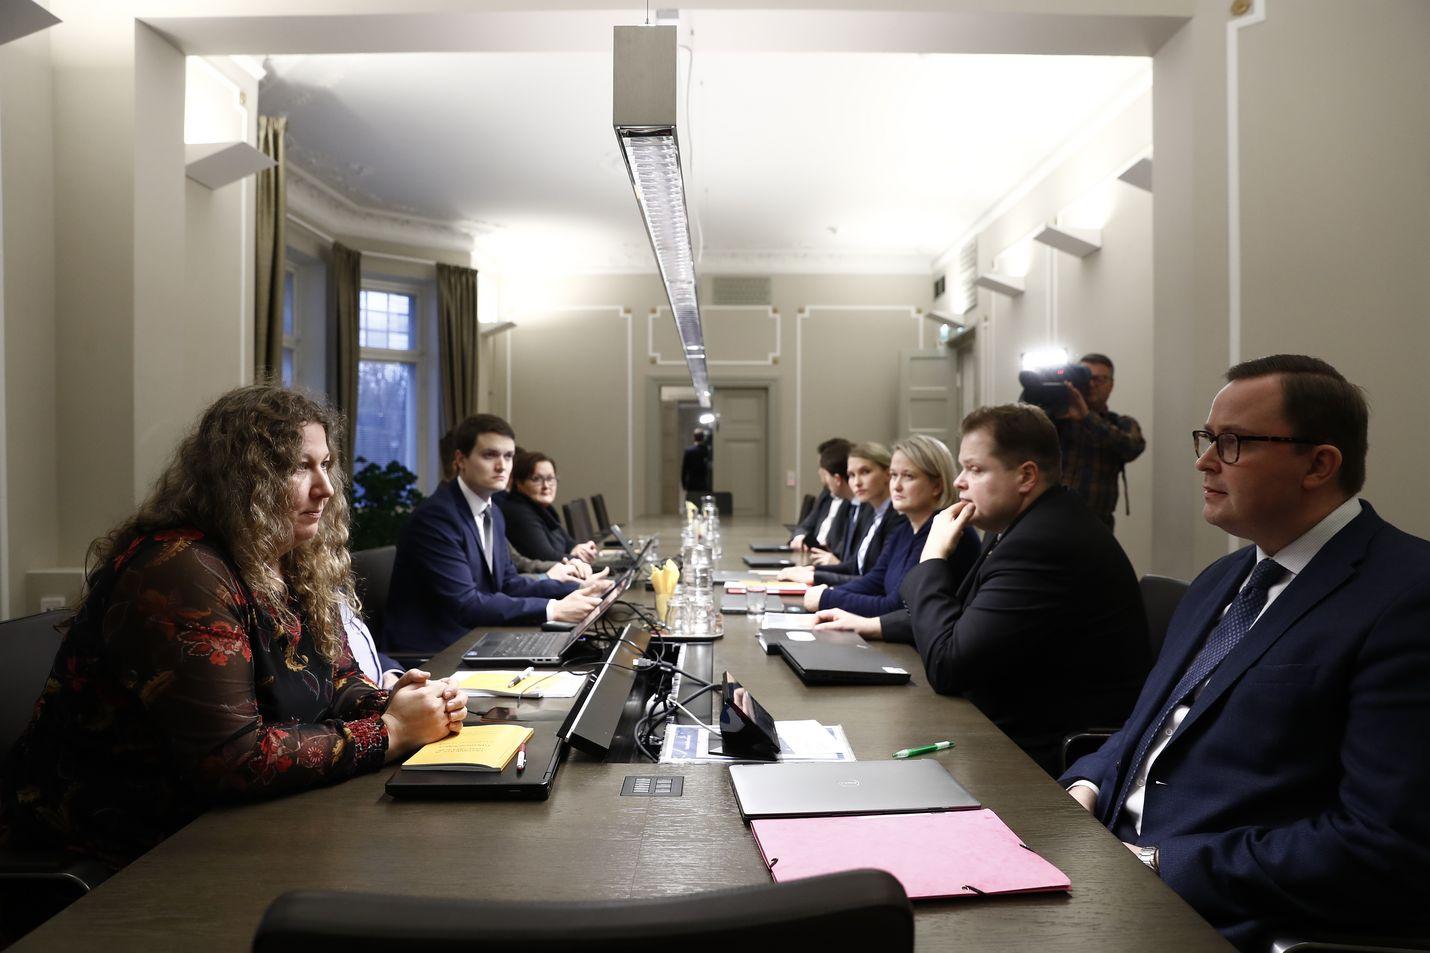 PAU:n puheenjohtaja Heidi Nieminen ja Paltan toimitusjohtaja Tuomas Aarto istuivat neuvottelupöydässä vastakkain keskiviikkona. Uusi yritys sopuun on tänään perjantaina.